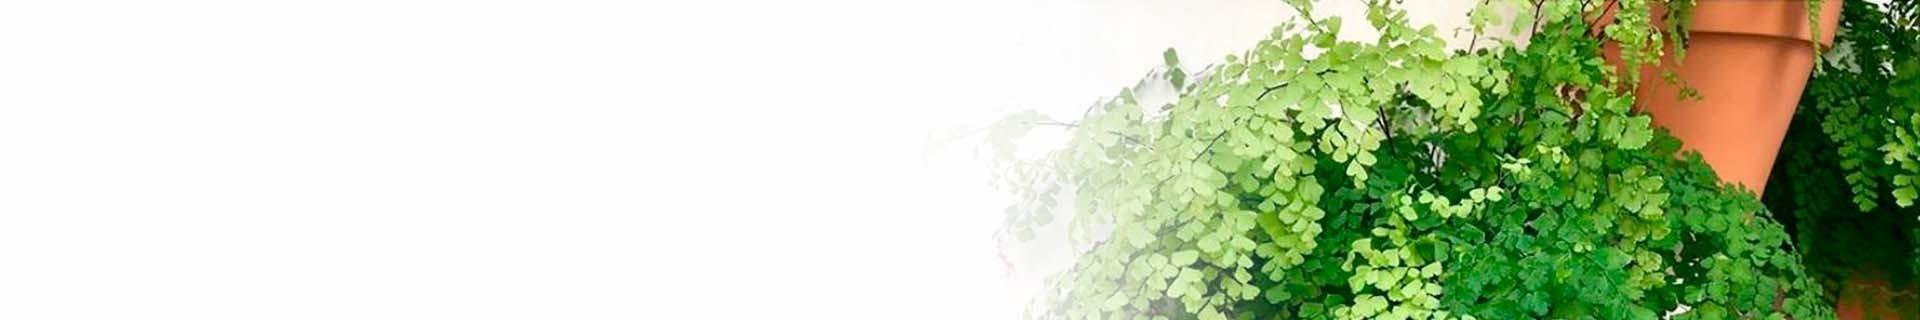 Subscripció de plantes noves cada estació | CitySens